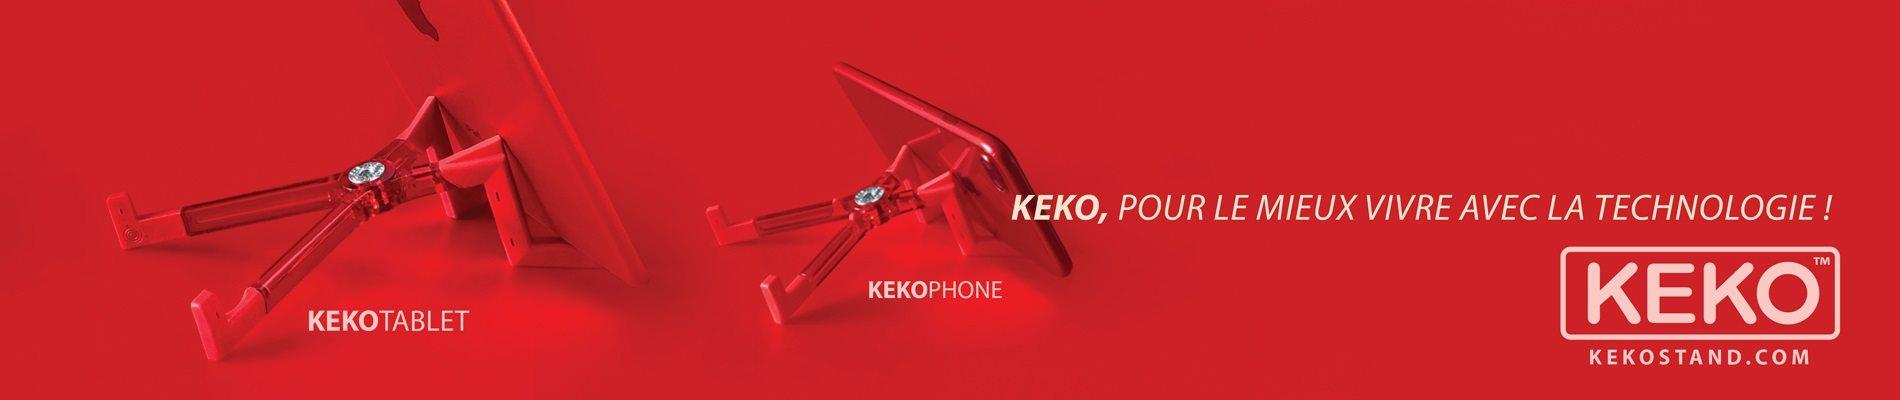 Keko stand